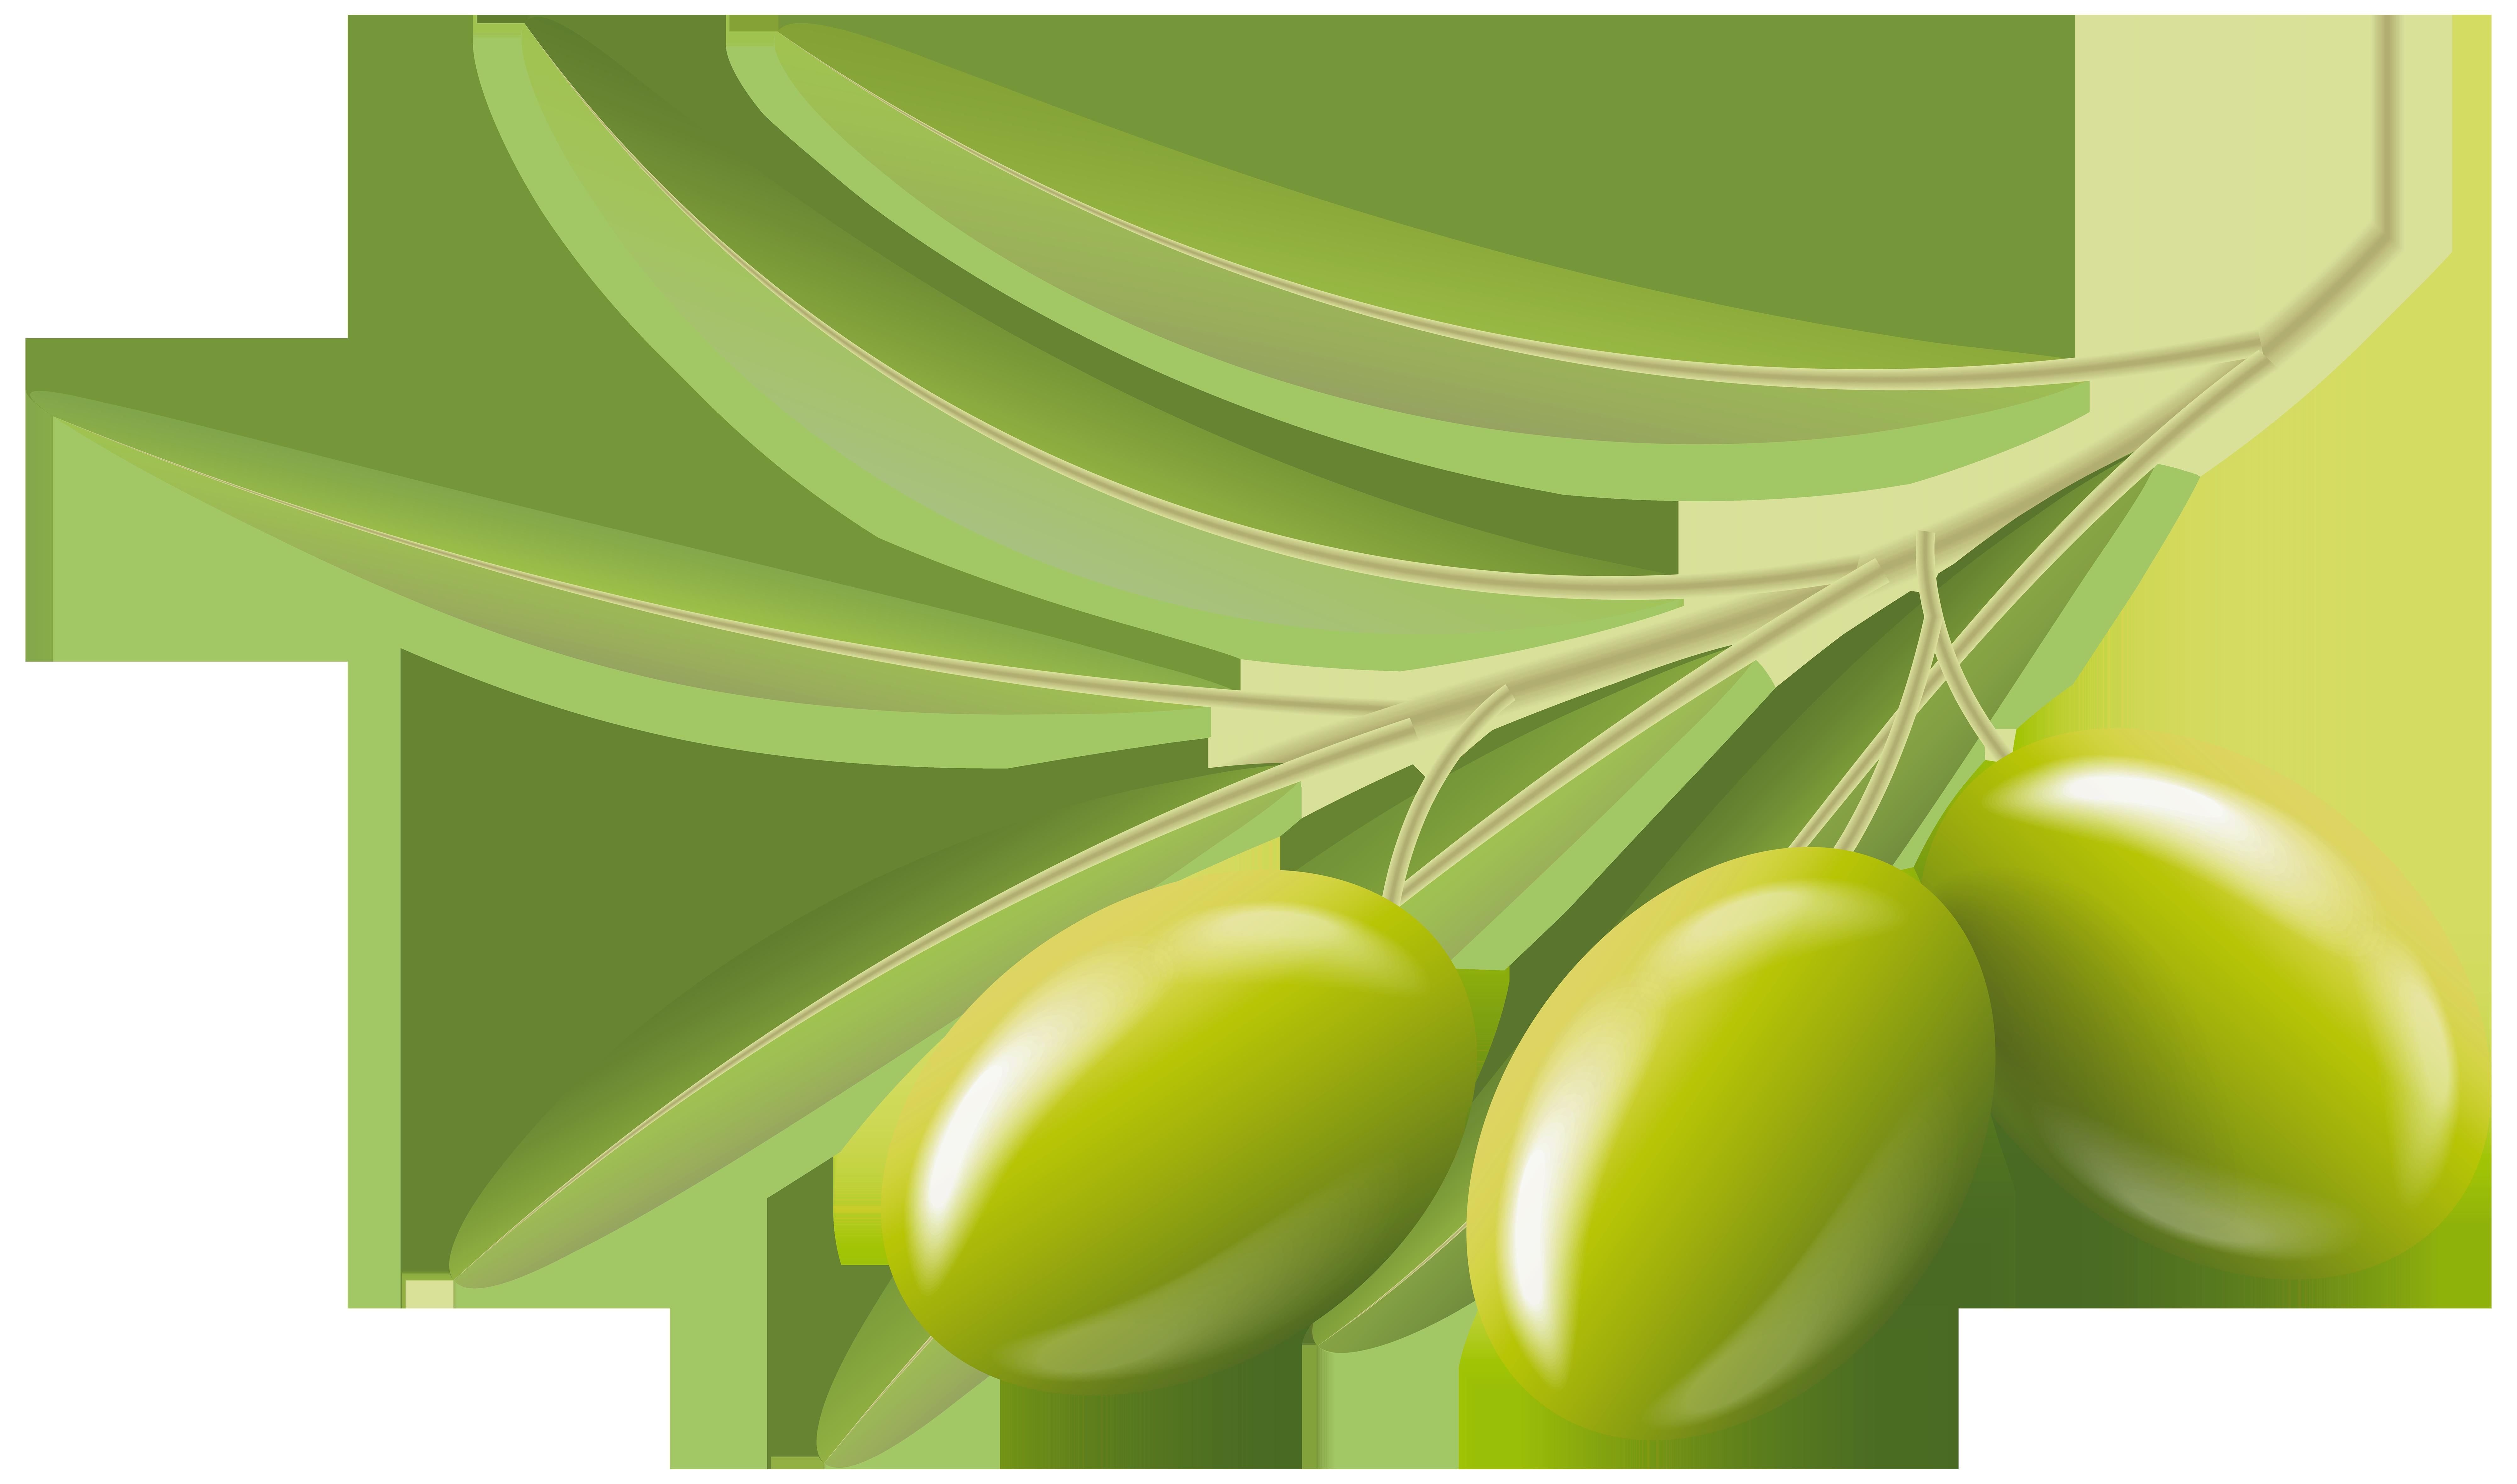 Green Olives Transparent Clip Art Image.